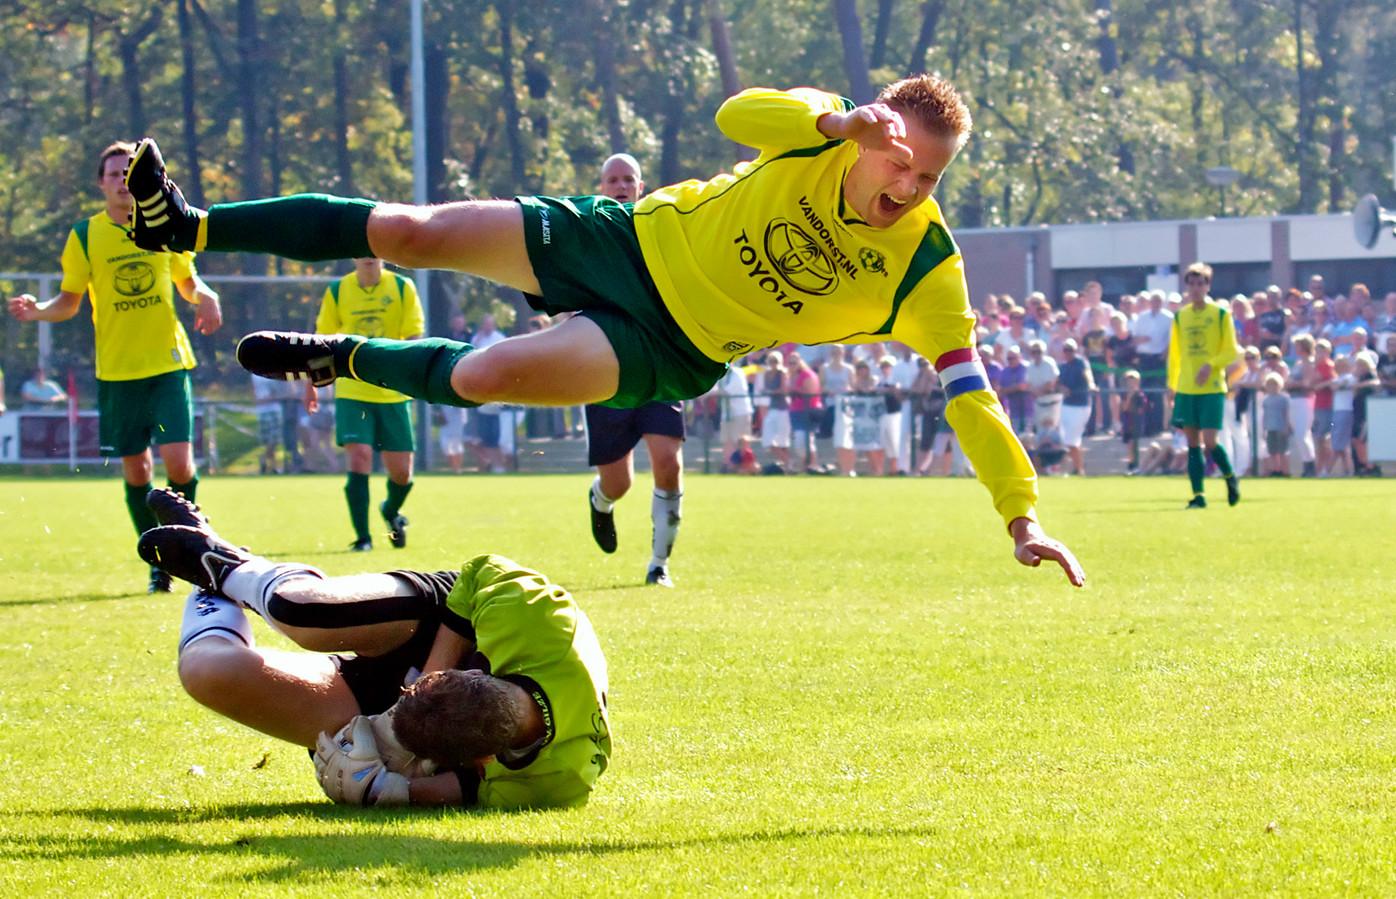 Het gaat er vaak heet aan toe in de derby tussen Gilze en Rijen, zoals hier in oktober 2011. Rijen-aanvoerder Lennart Kessels vliegt door de lucht na een botsing met Gilze-doelman Ralf van Gestel.